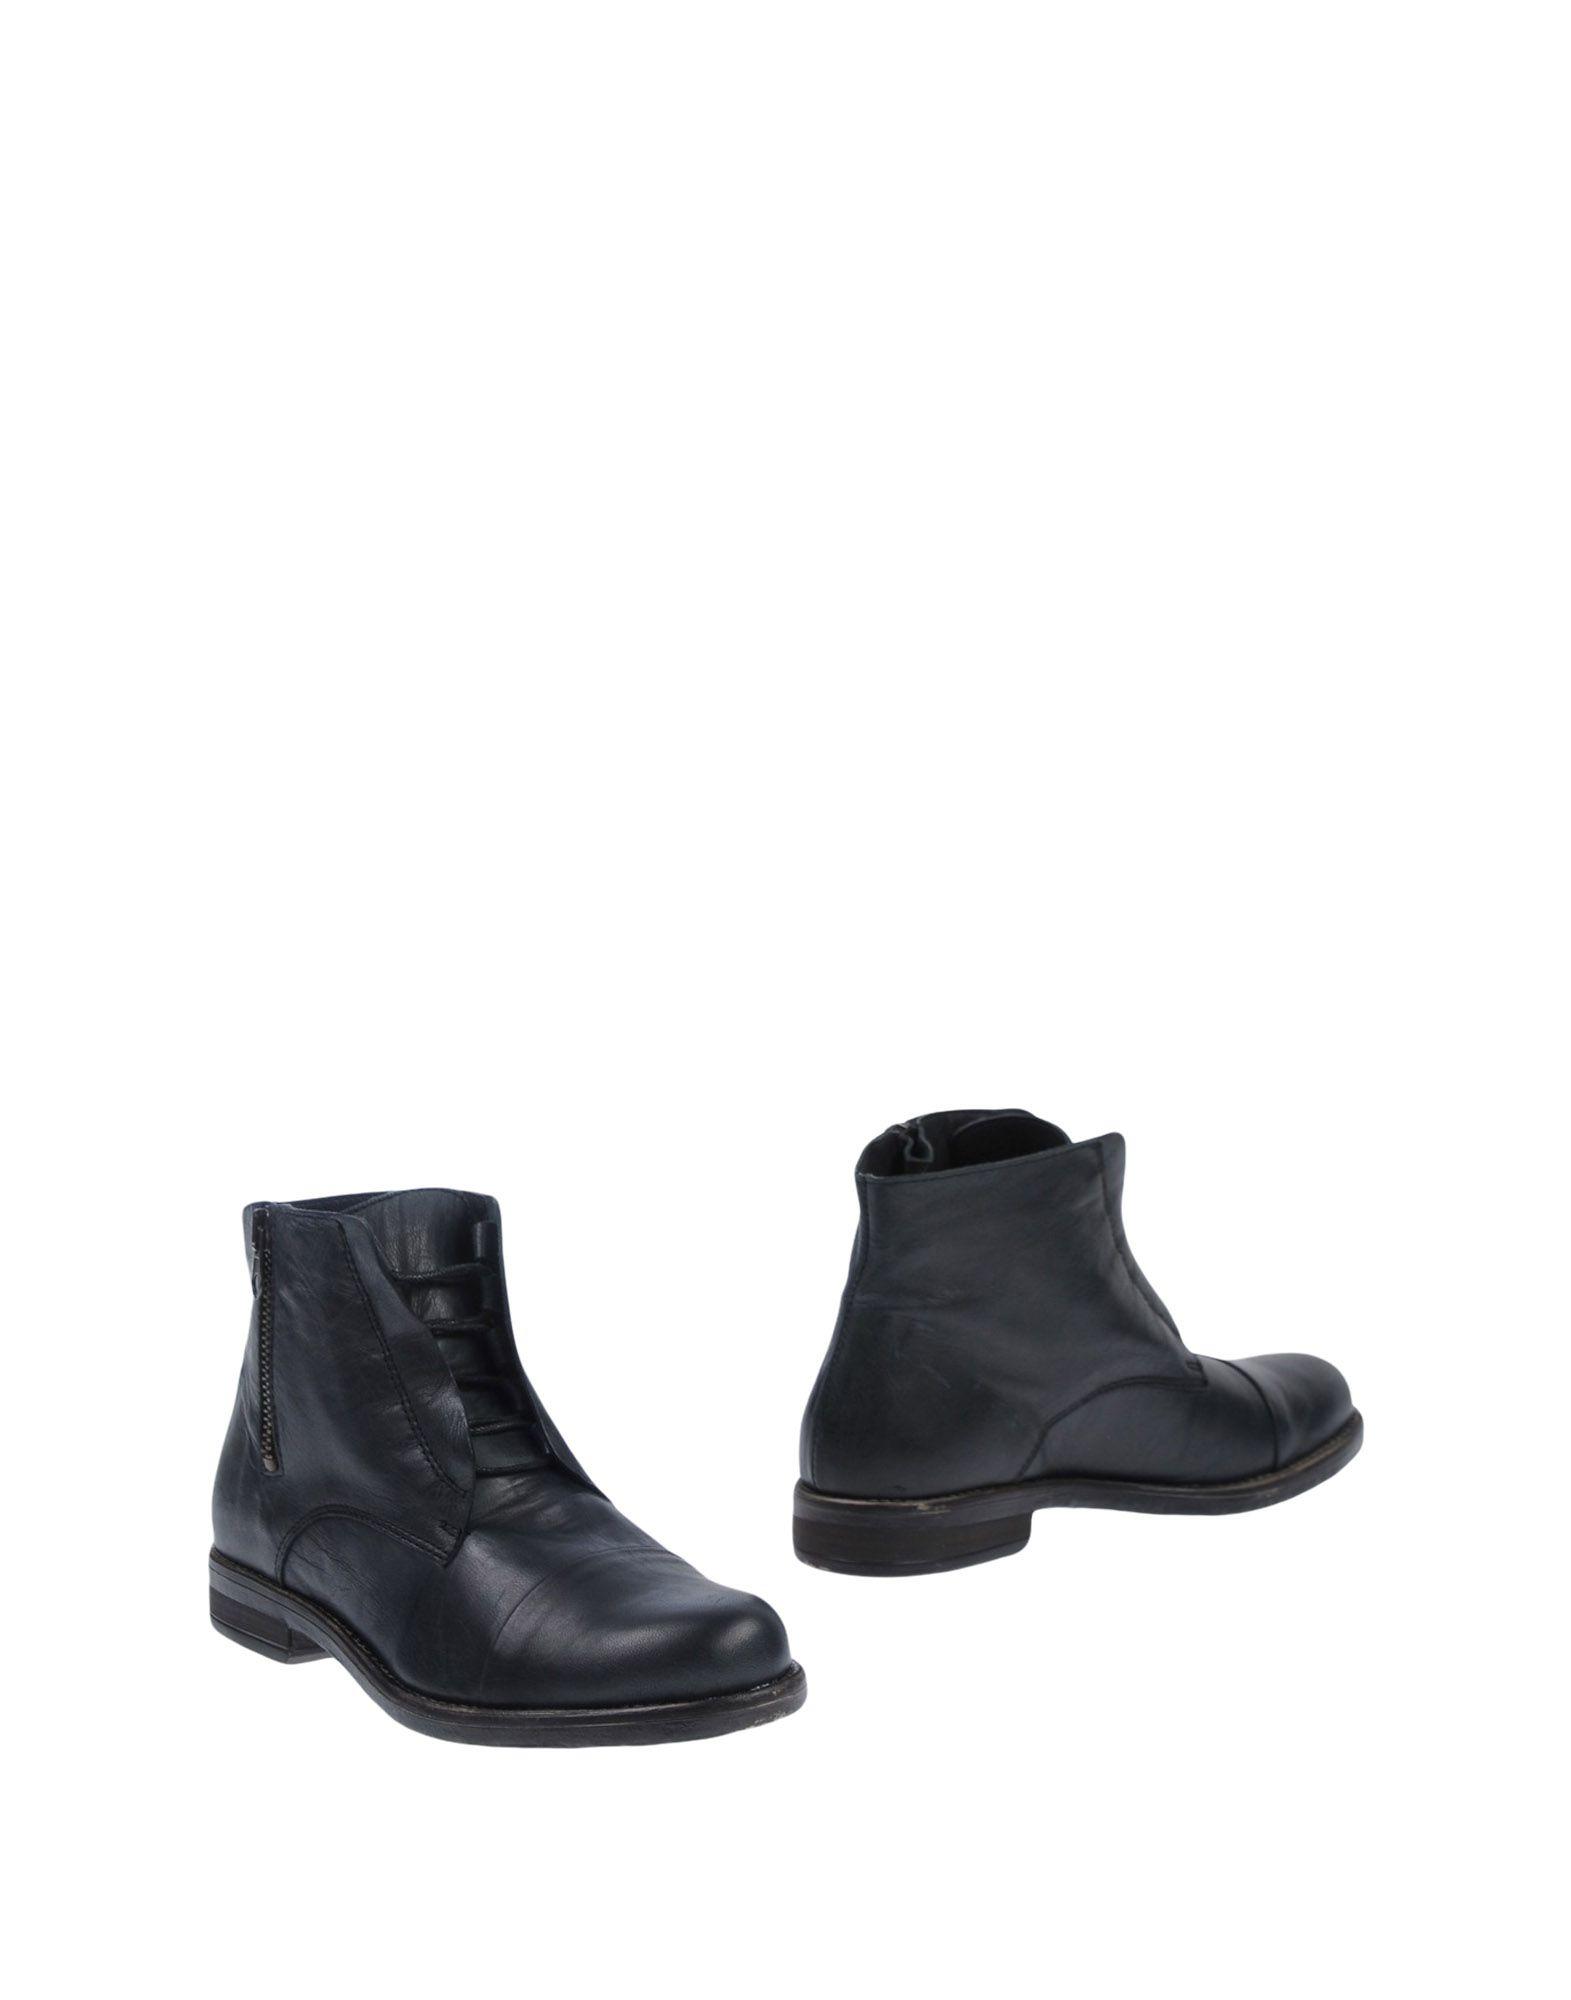 Penelope Stiefelette Damen  11508350BC Gute Qualität beliebte Schuhe